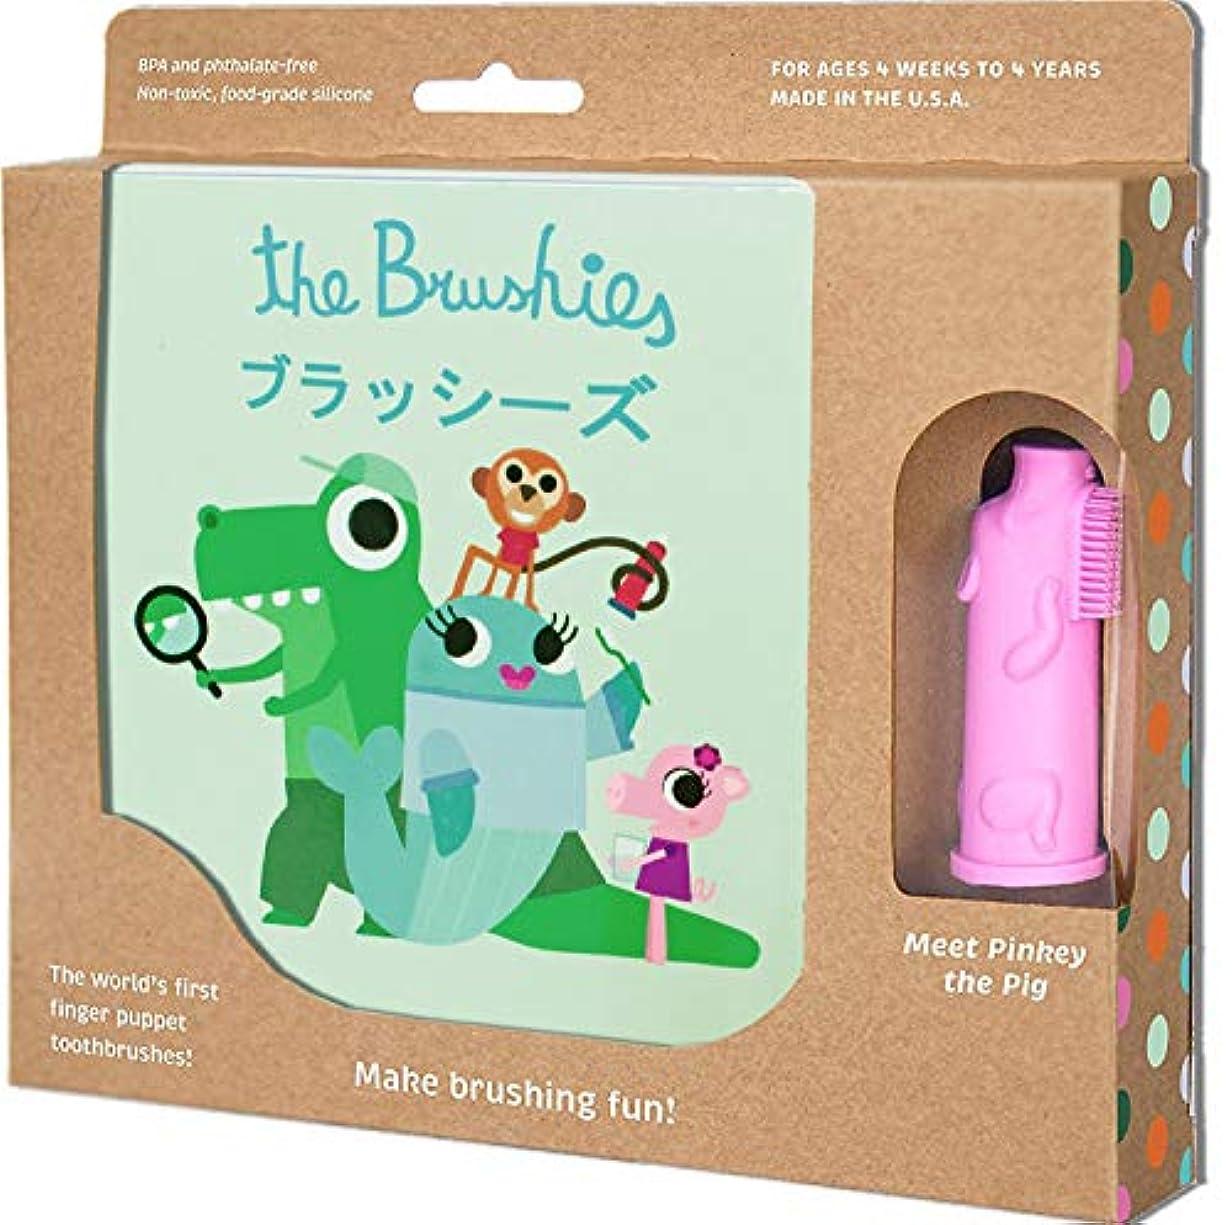 付添人スクレーパーエンジンティーレックス the Brushies はみがきってたのしいな! 絵本付き歯ブラシ ブラッシーズ